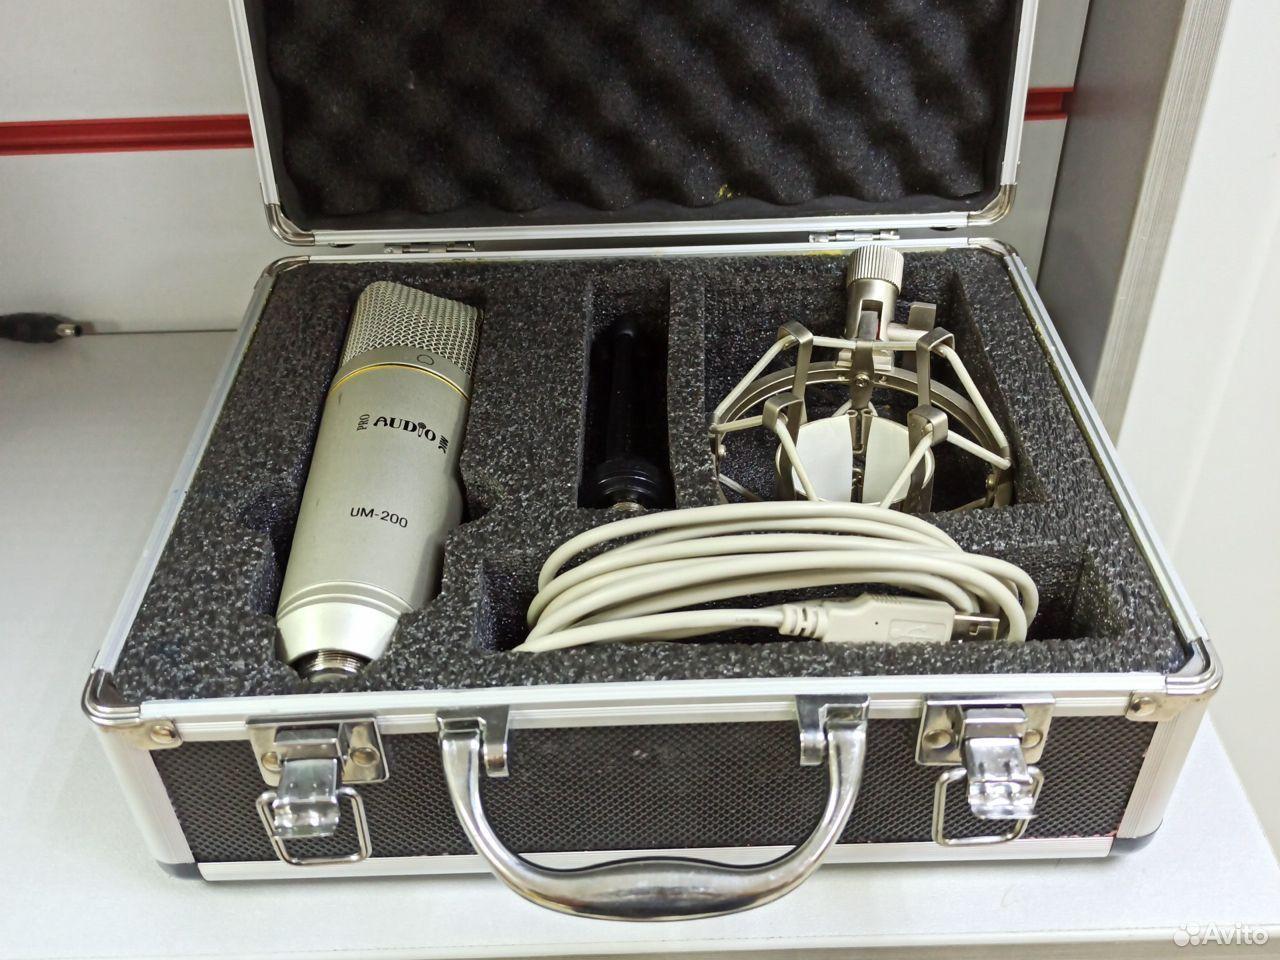 Студийный микрофон proaudio um-200  88452395051 купить 1